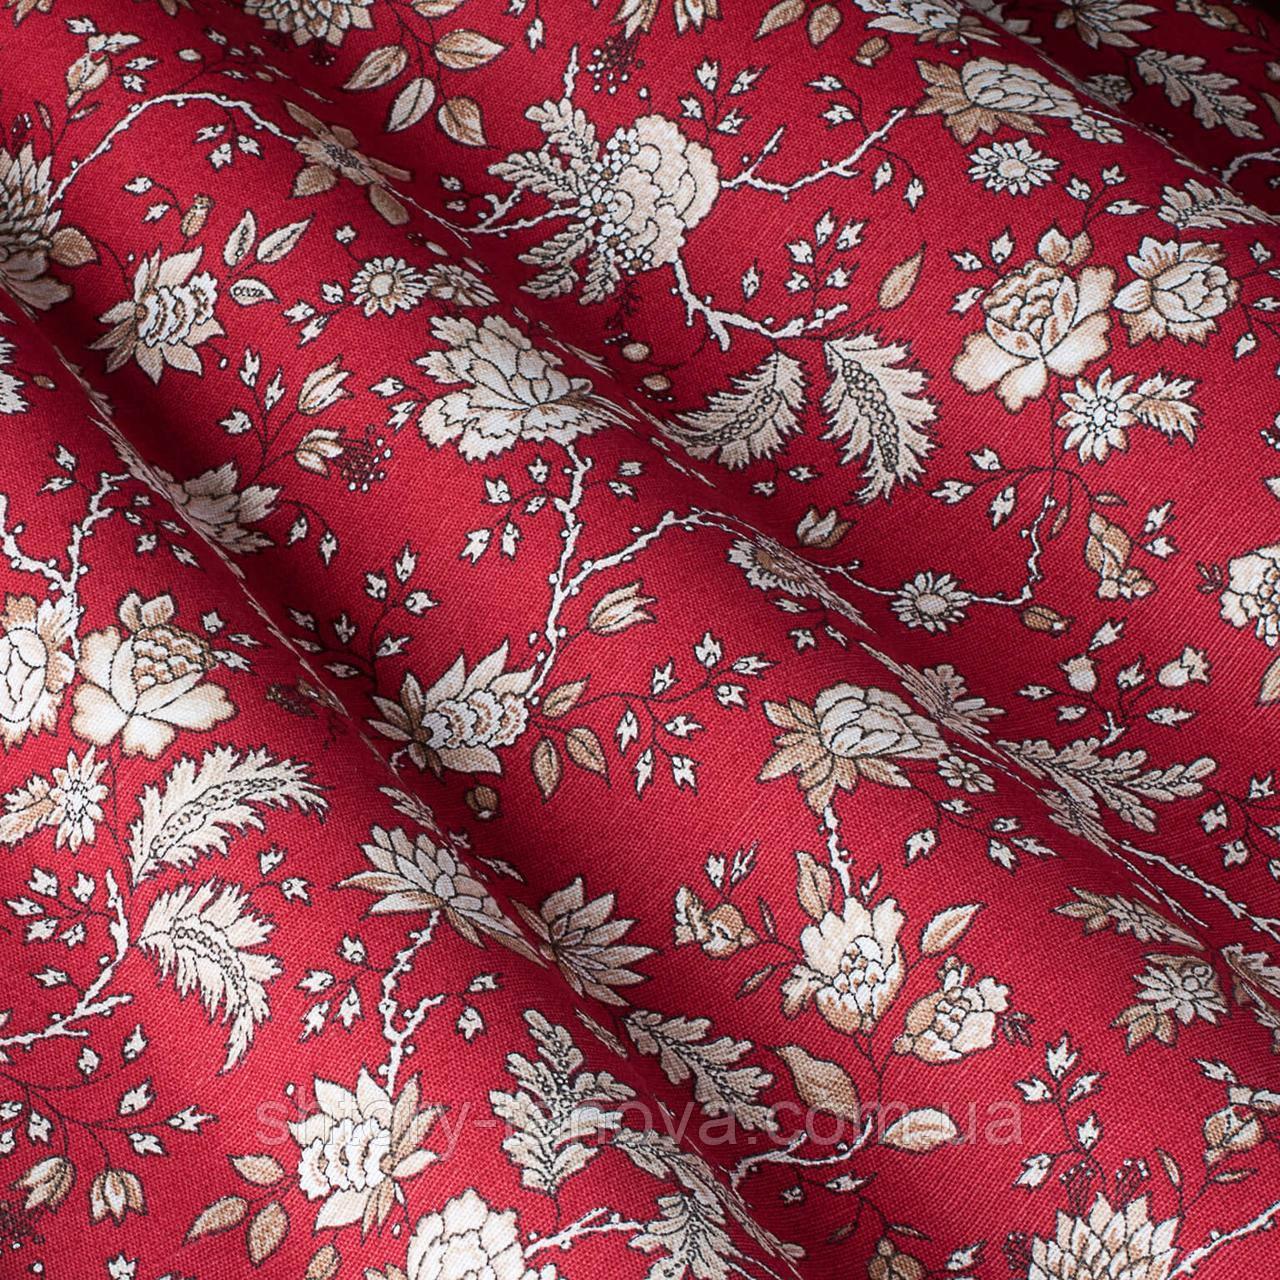 Декоративная ткань с цветочными мотивами